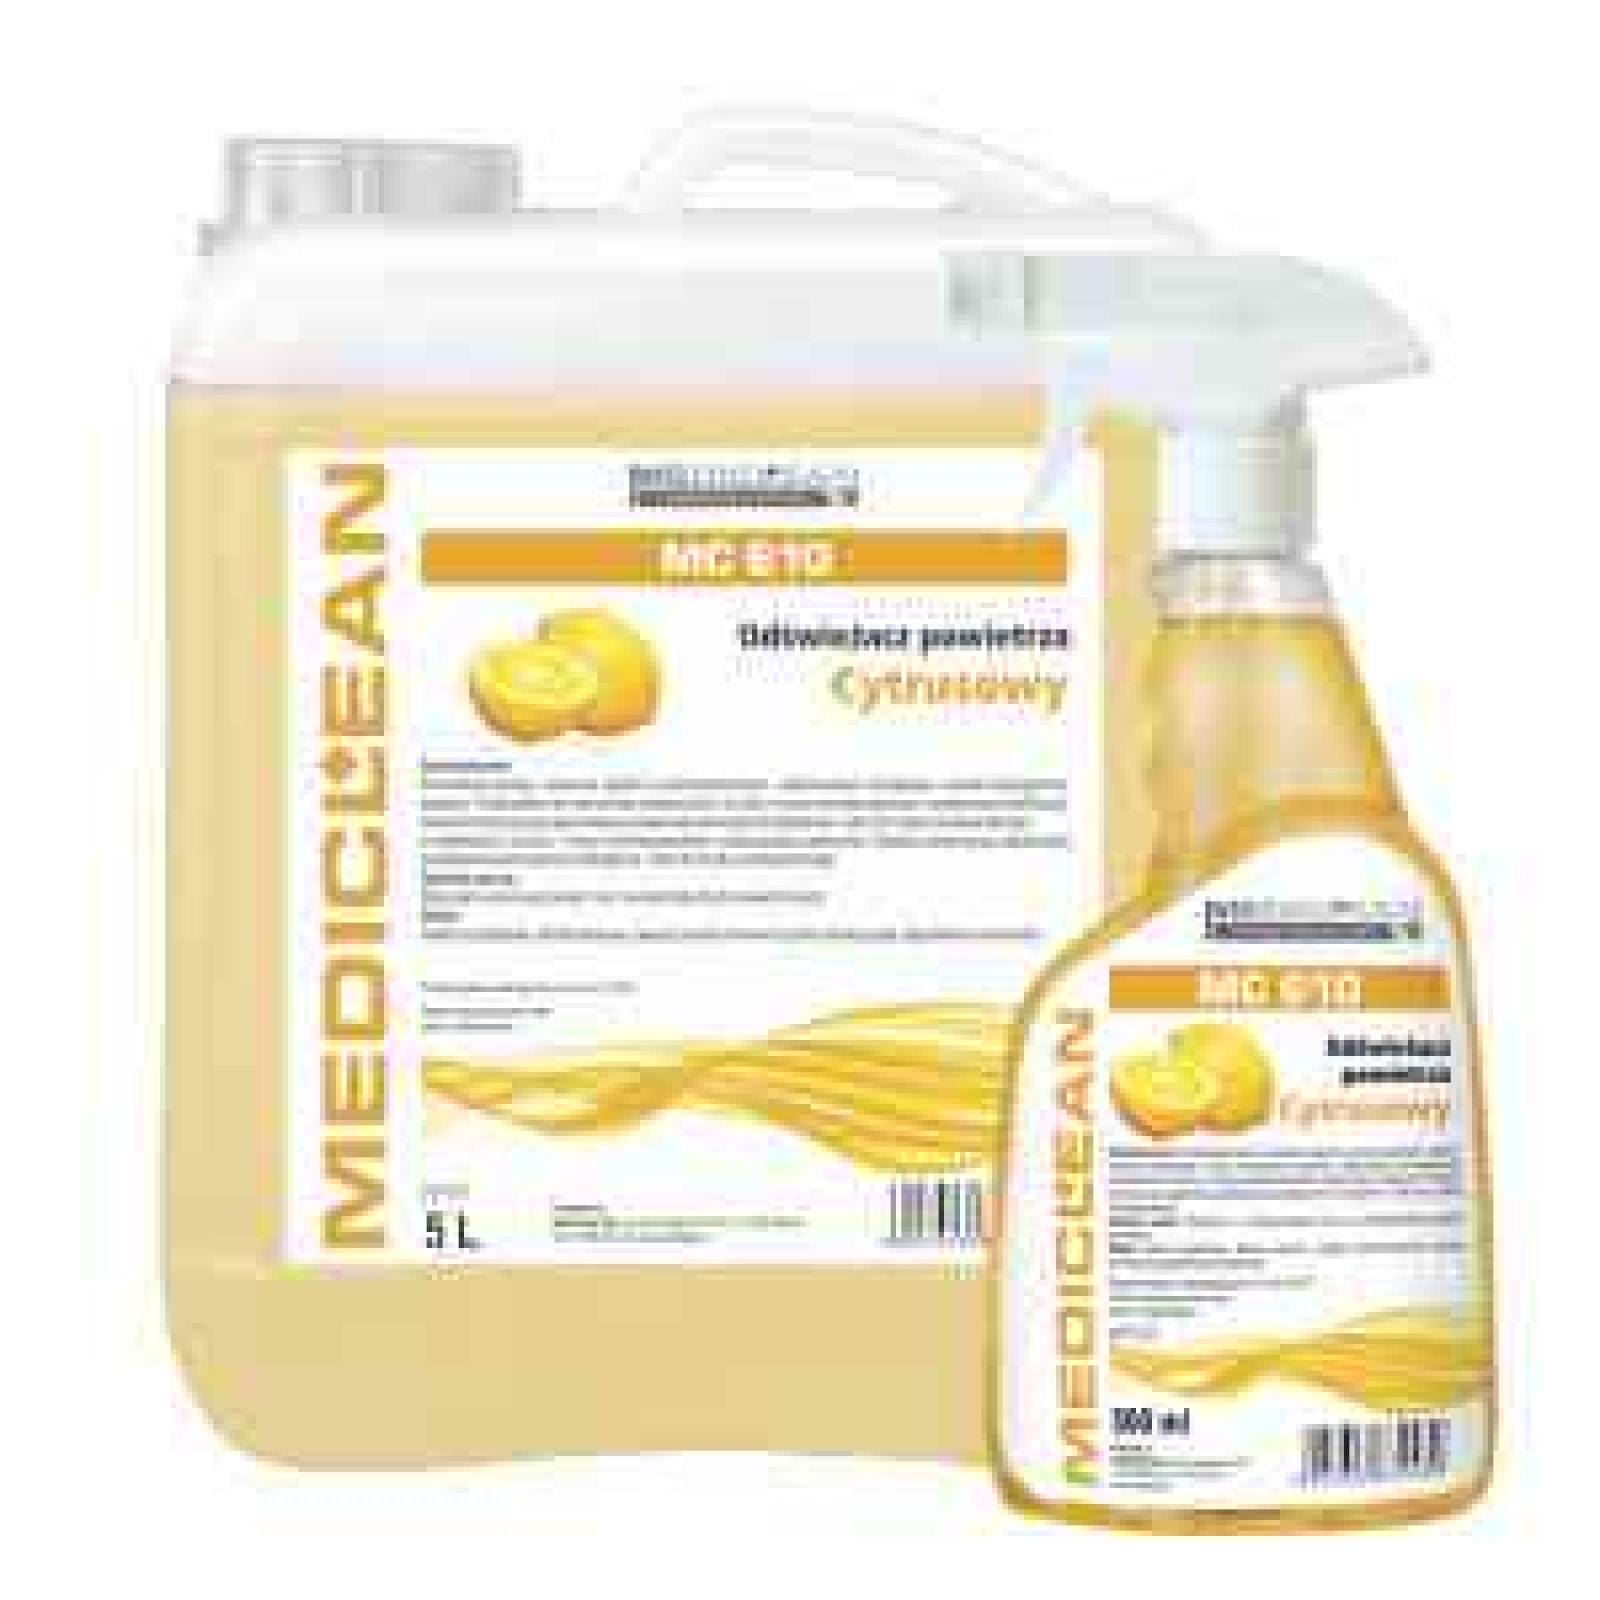 Mediclean MC 610 Fresh Clean cytrusowy